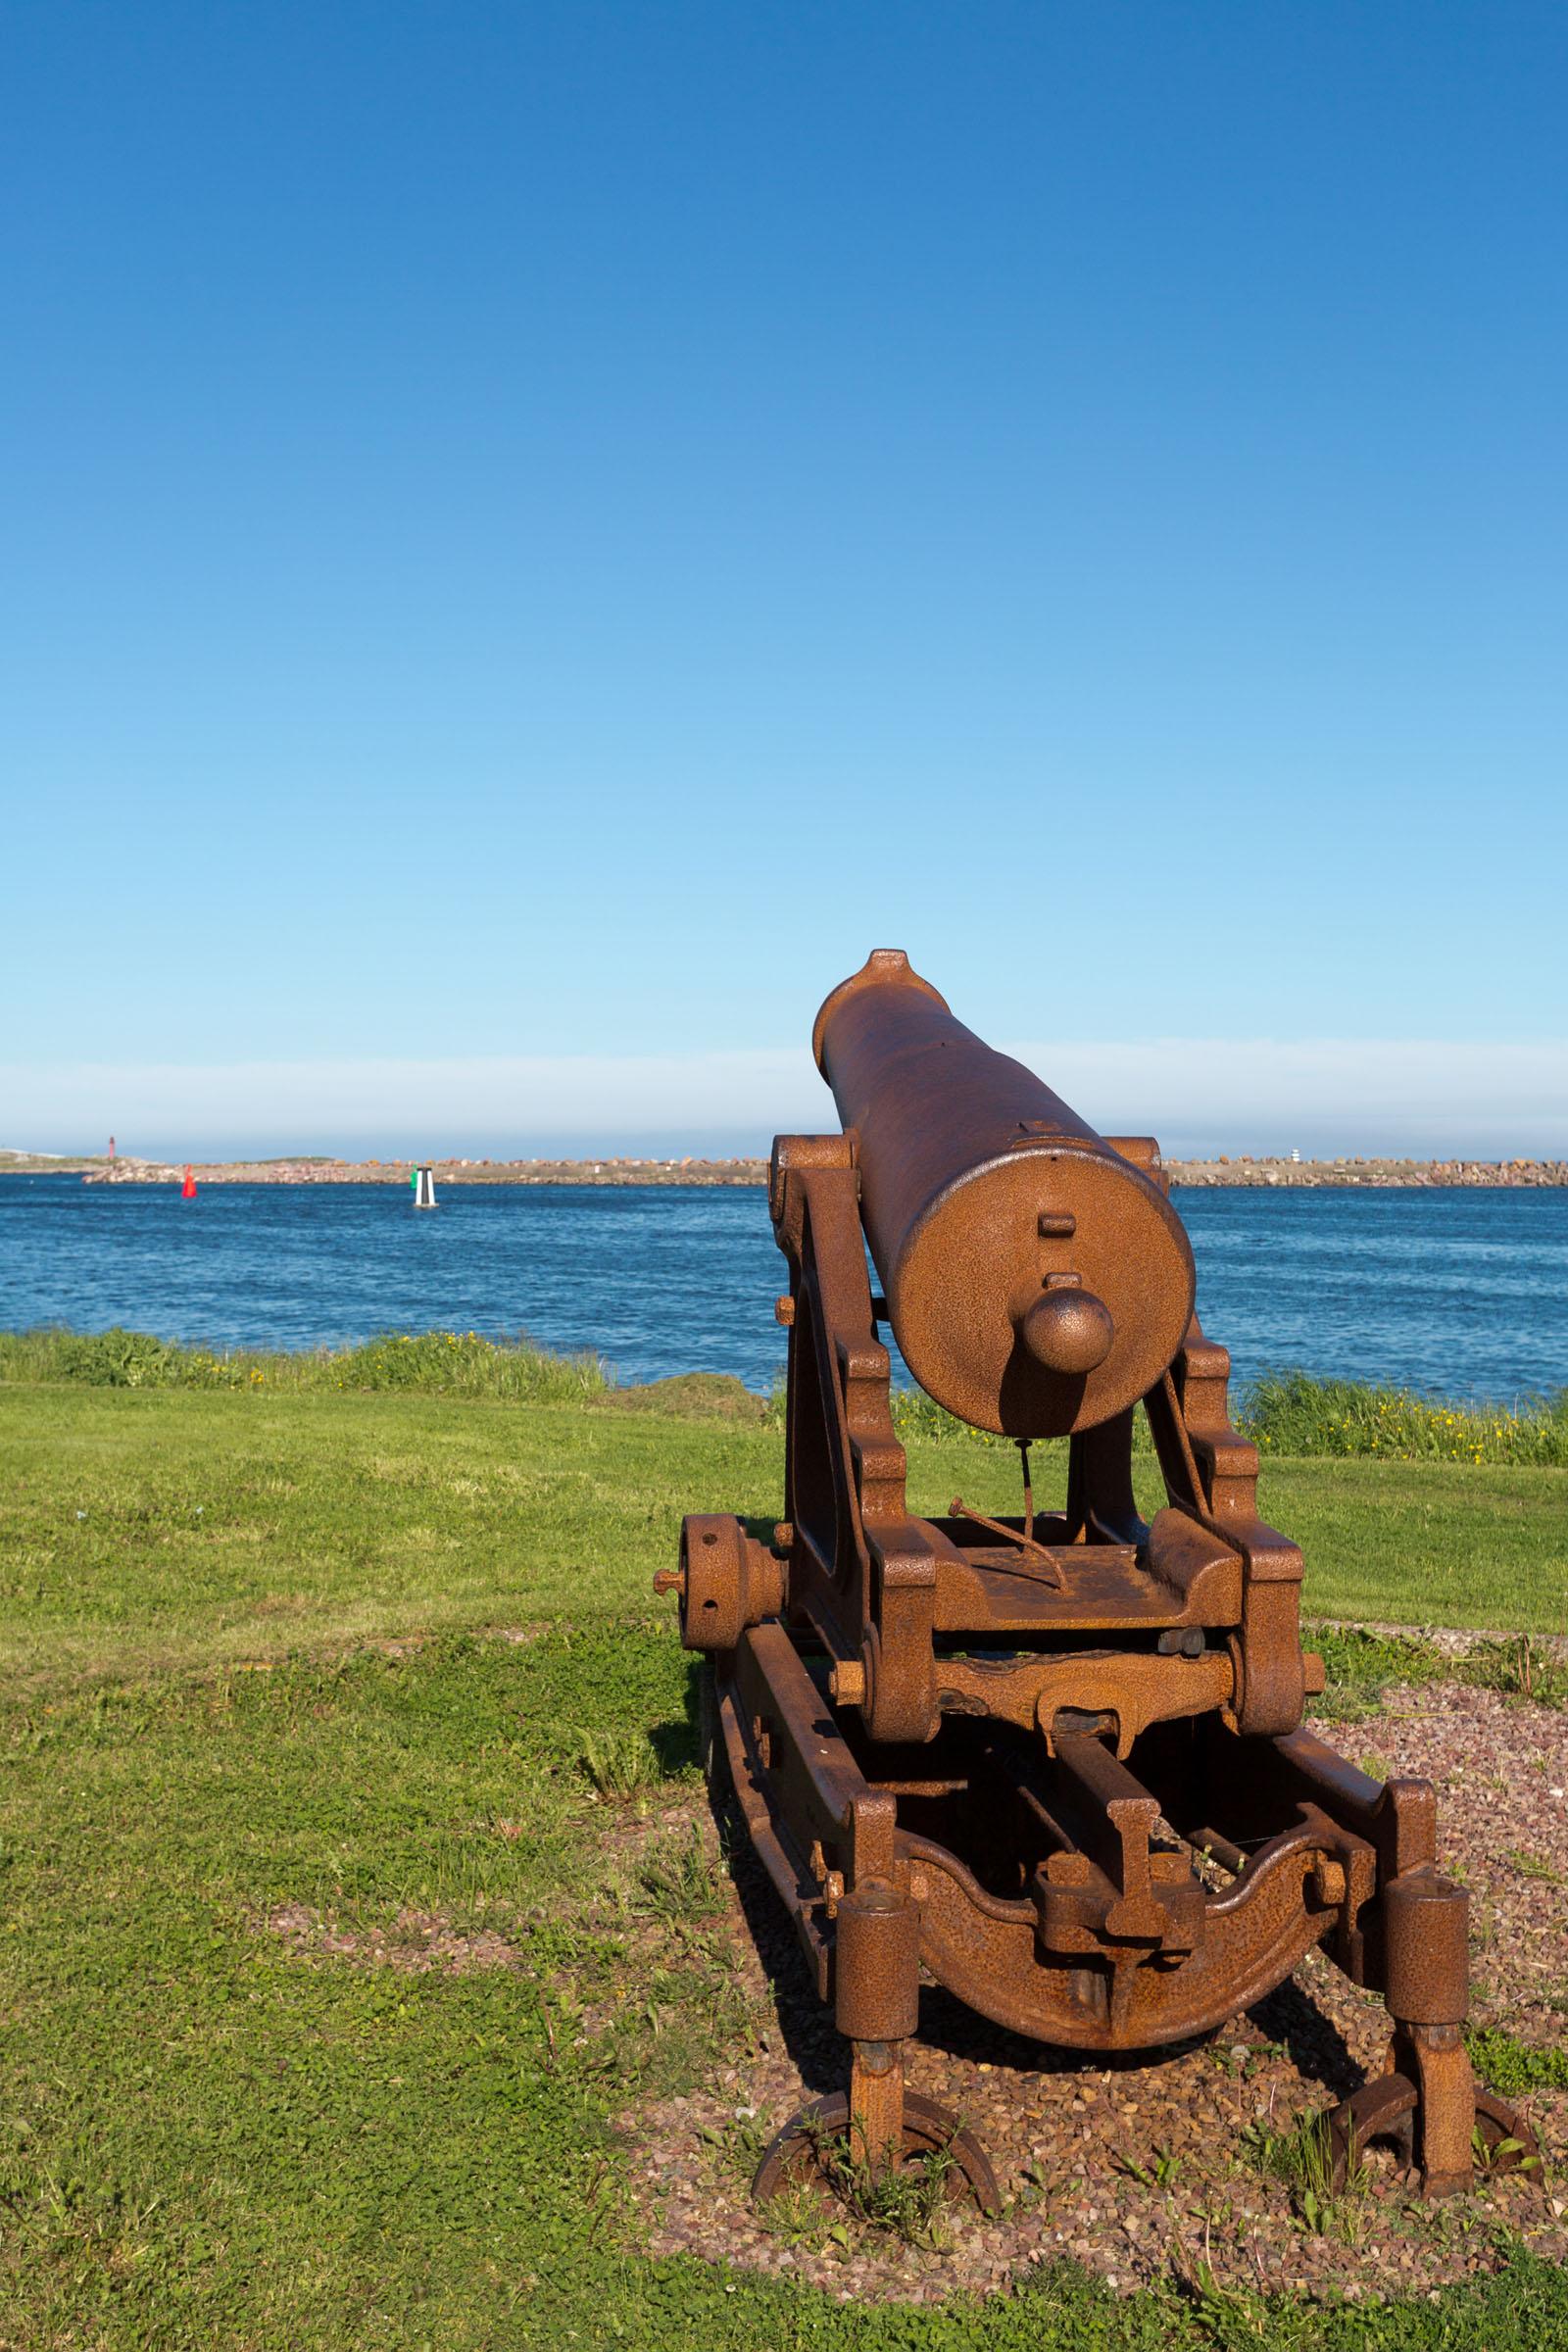 Historic Cannon, America, Rocks, Nautical, North, HQ Photo